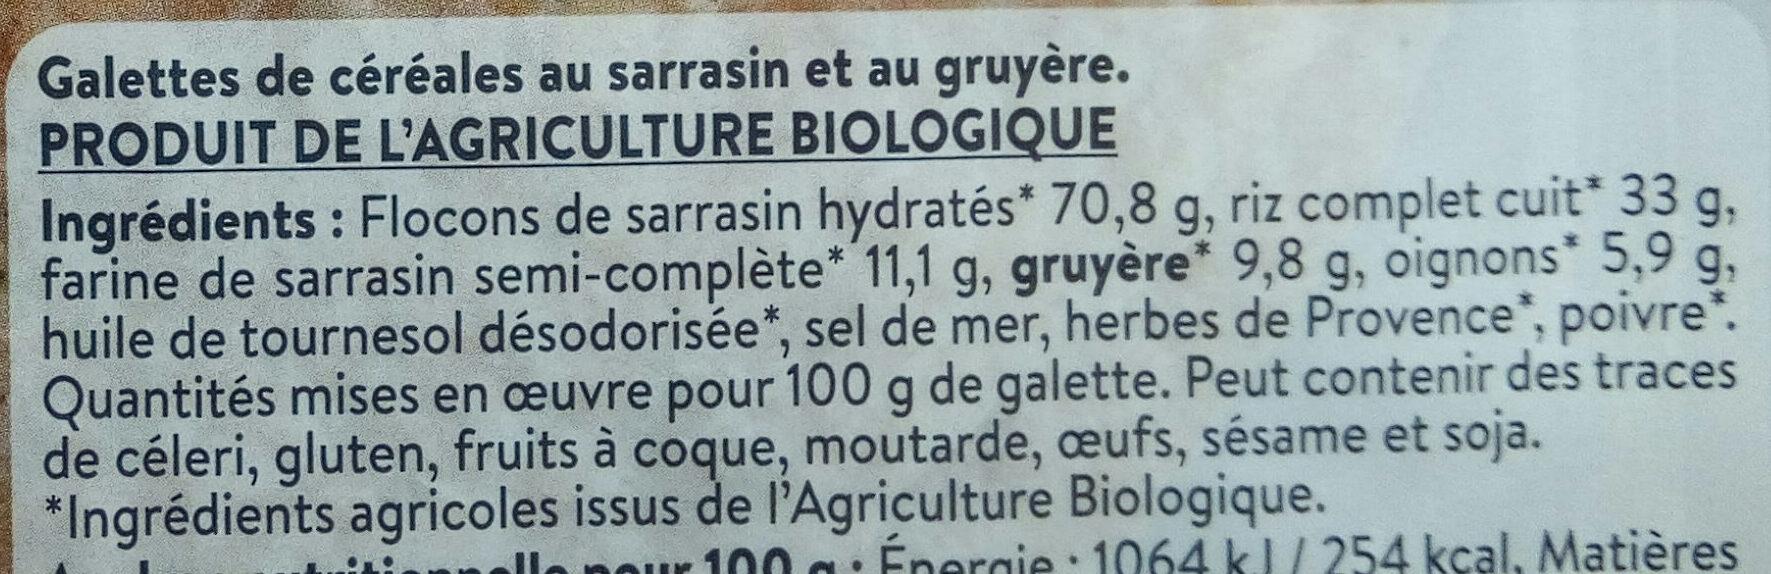 2 Galettes de Céréales Sarrasin Gruyère - Ingrédients